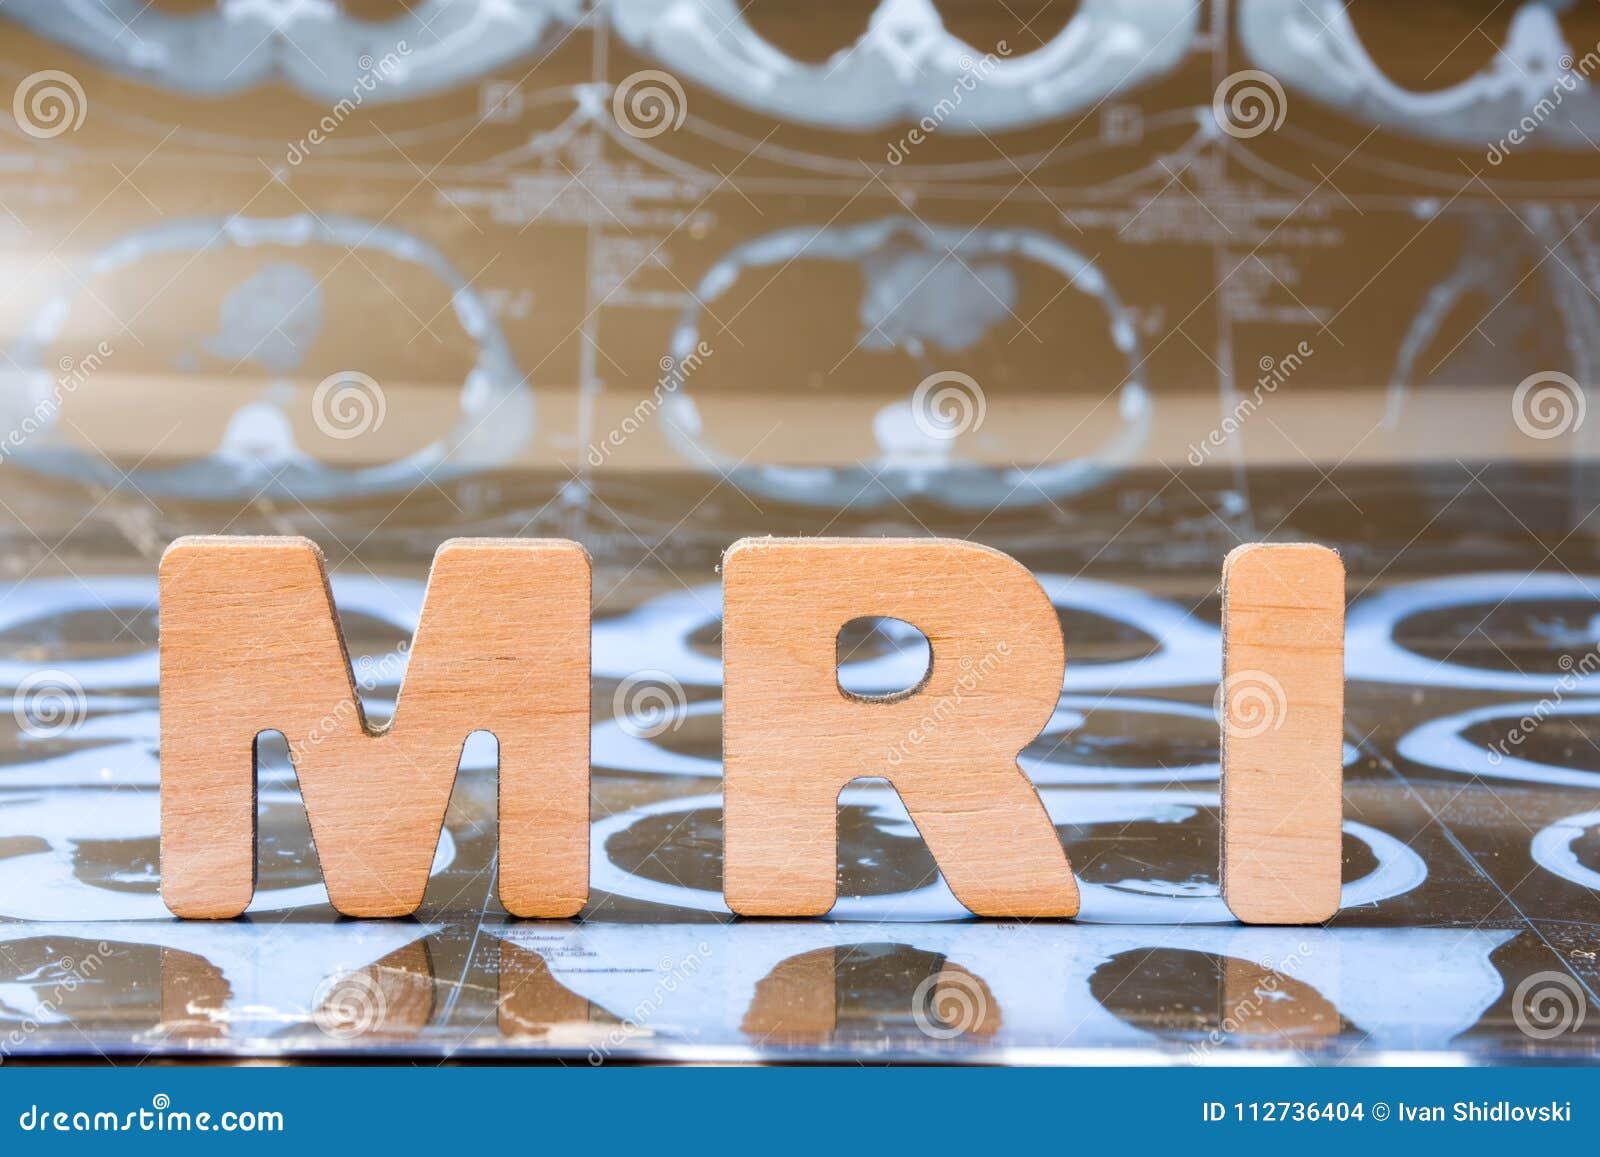 L imaging a risonanza magnetica clinico di RMI gradisce la tecnica della radiologia in foto diagnostica di concetto della medicin